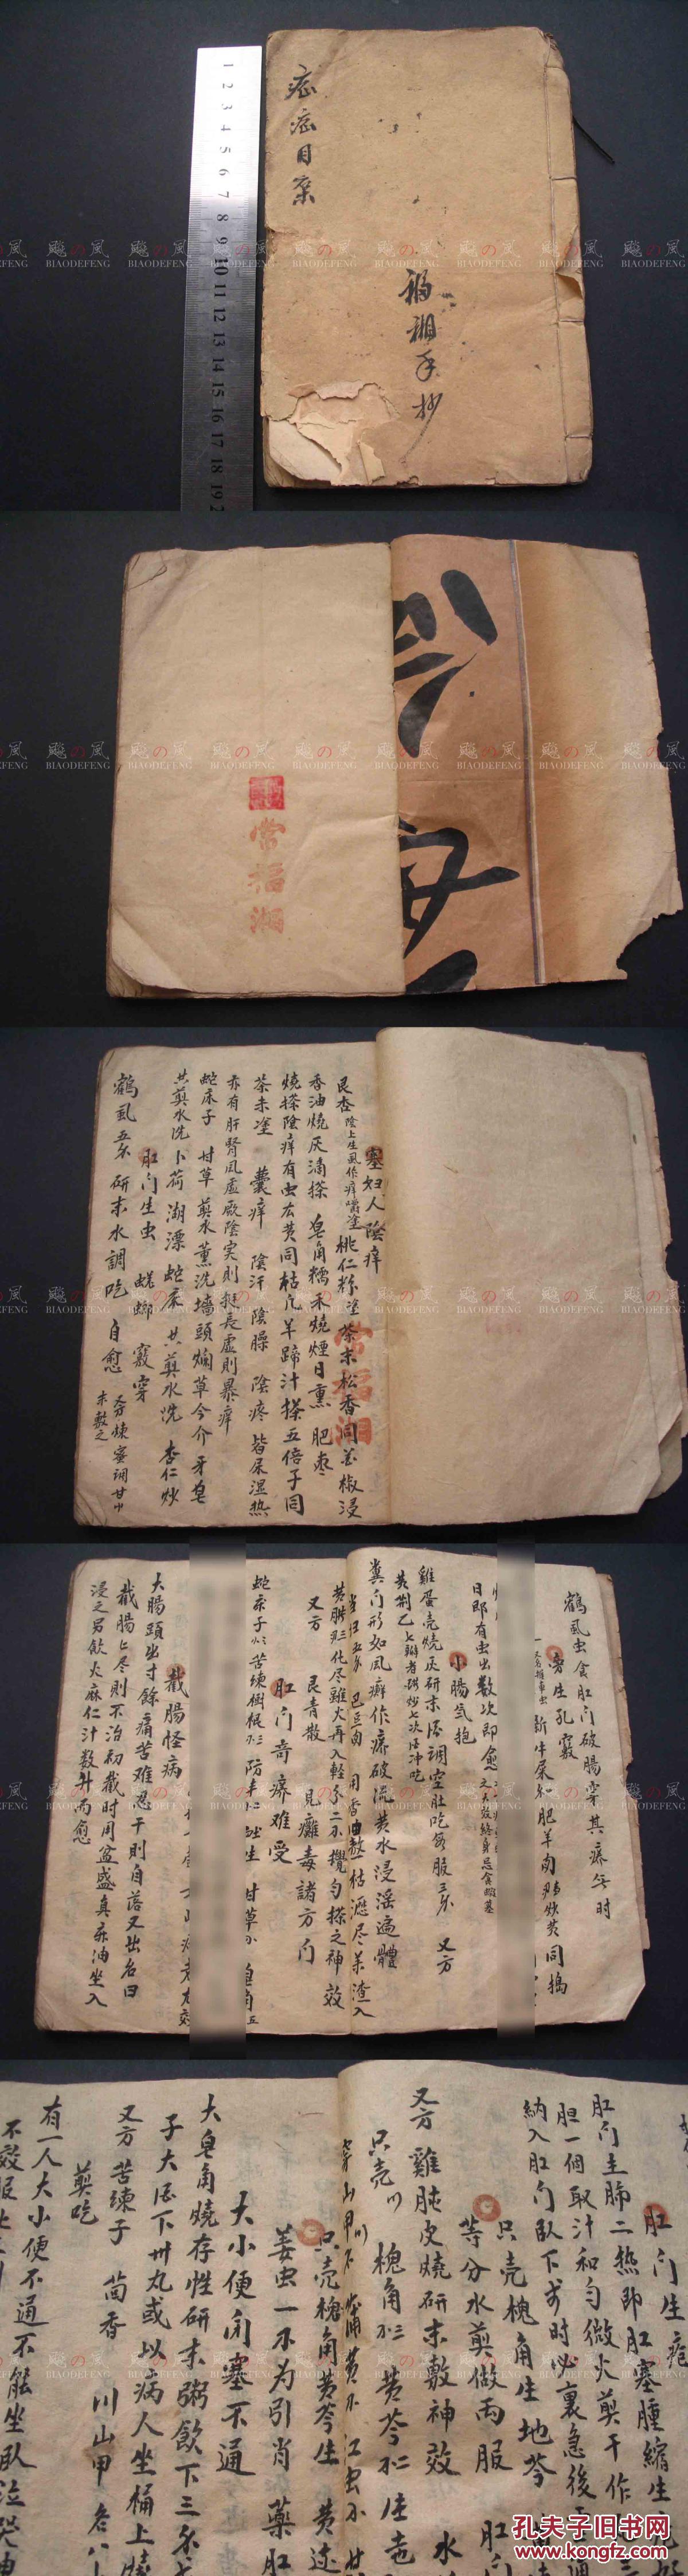 阴户愺n�9��_症症目系 古本 手抄药书 带作者印鉴 有手绘图 塞妇人